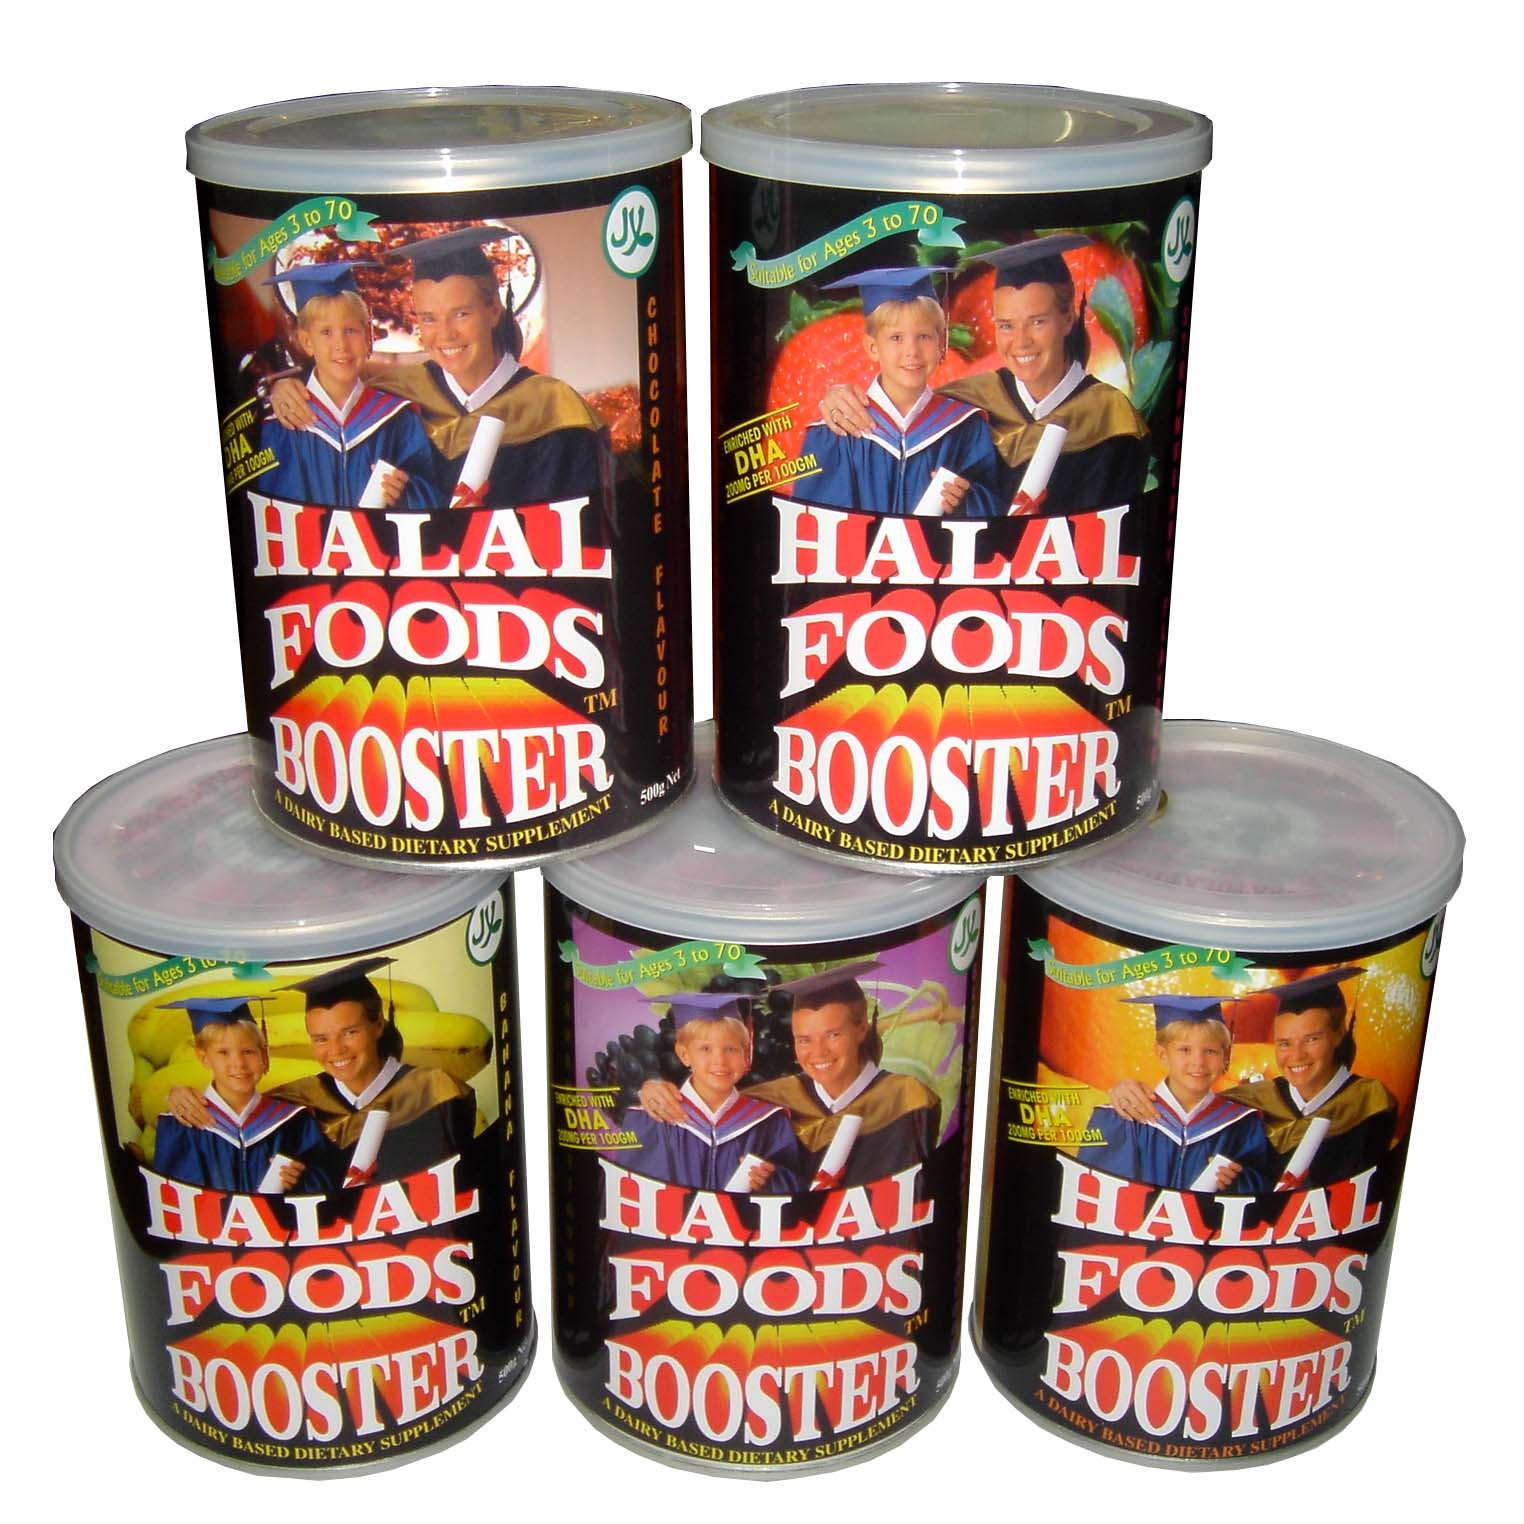 HALAL FOODS BOOSTER